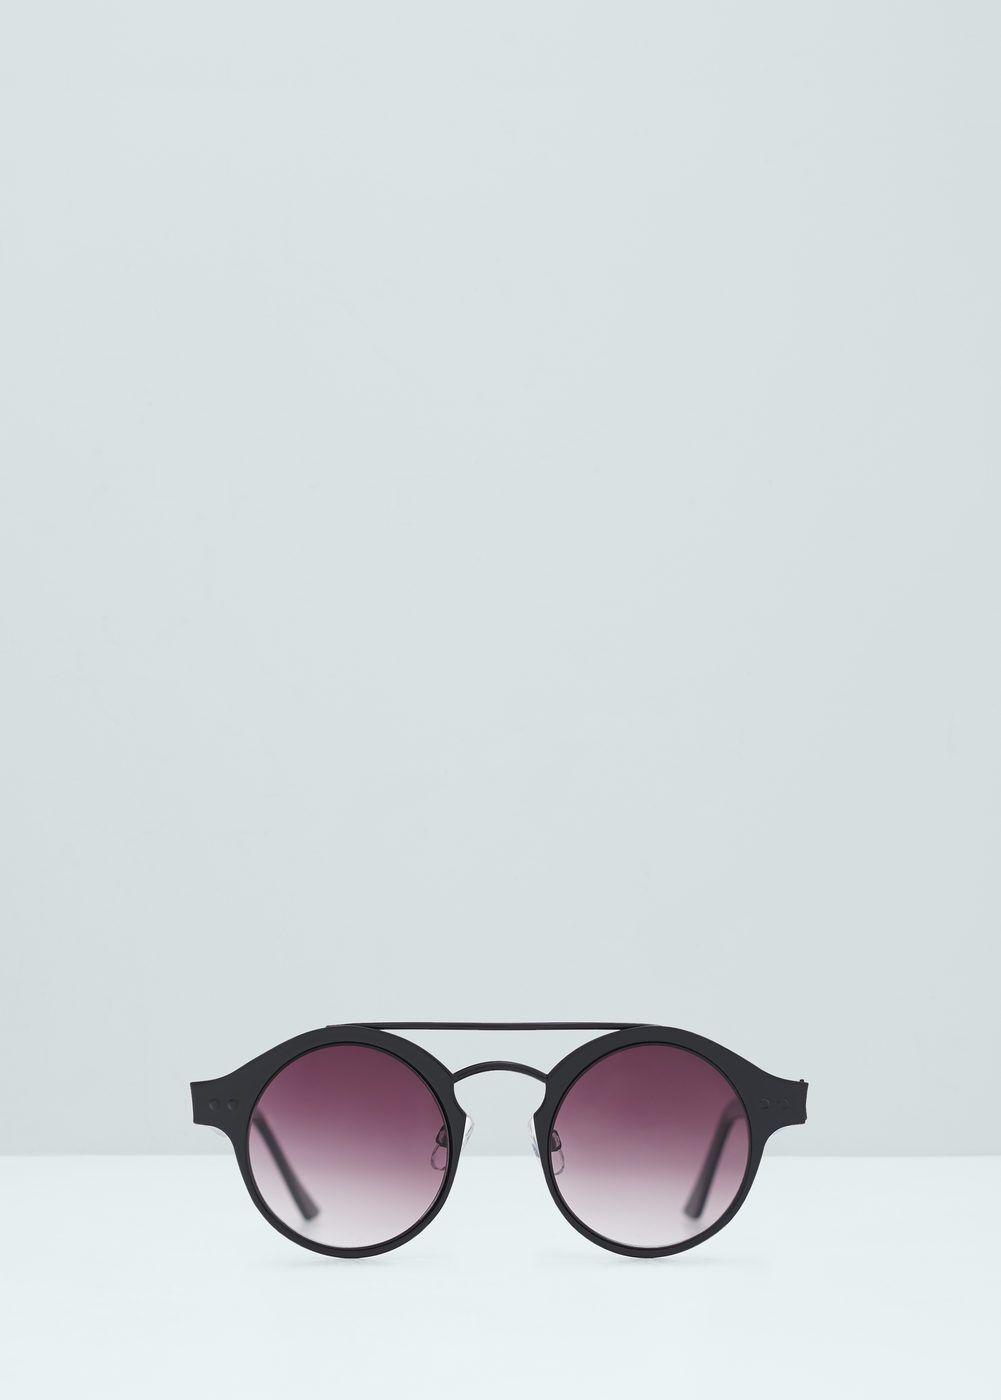 6ec5c23c0c5b8 Óculos de sol redondos   Óculos e Acessórios